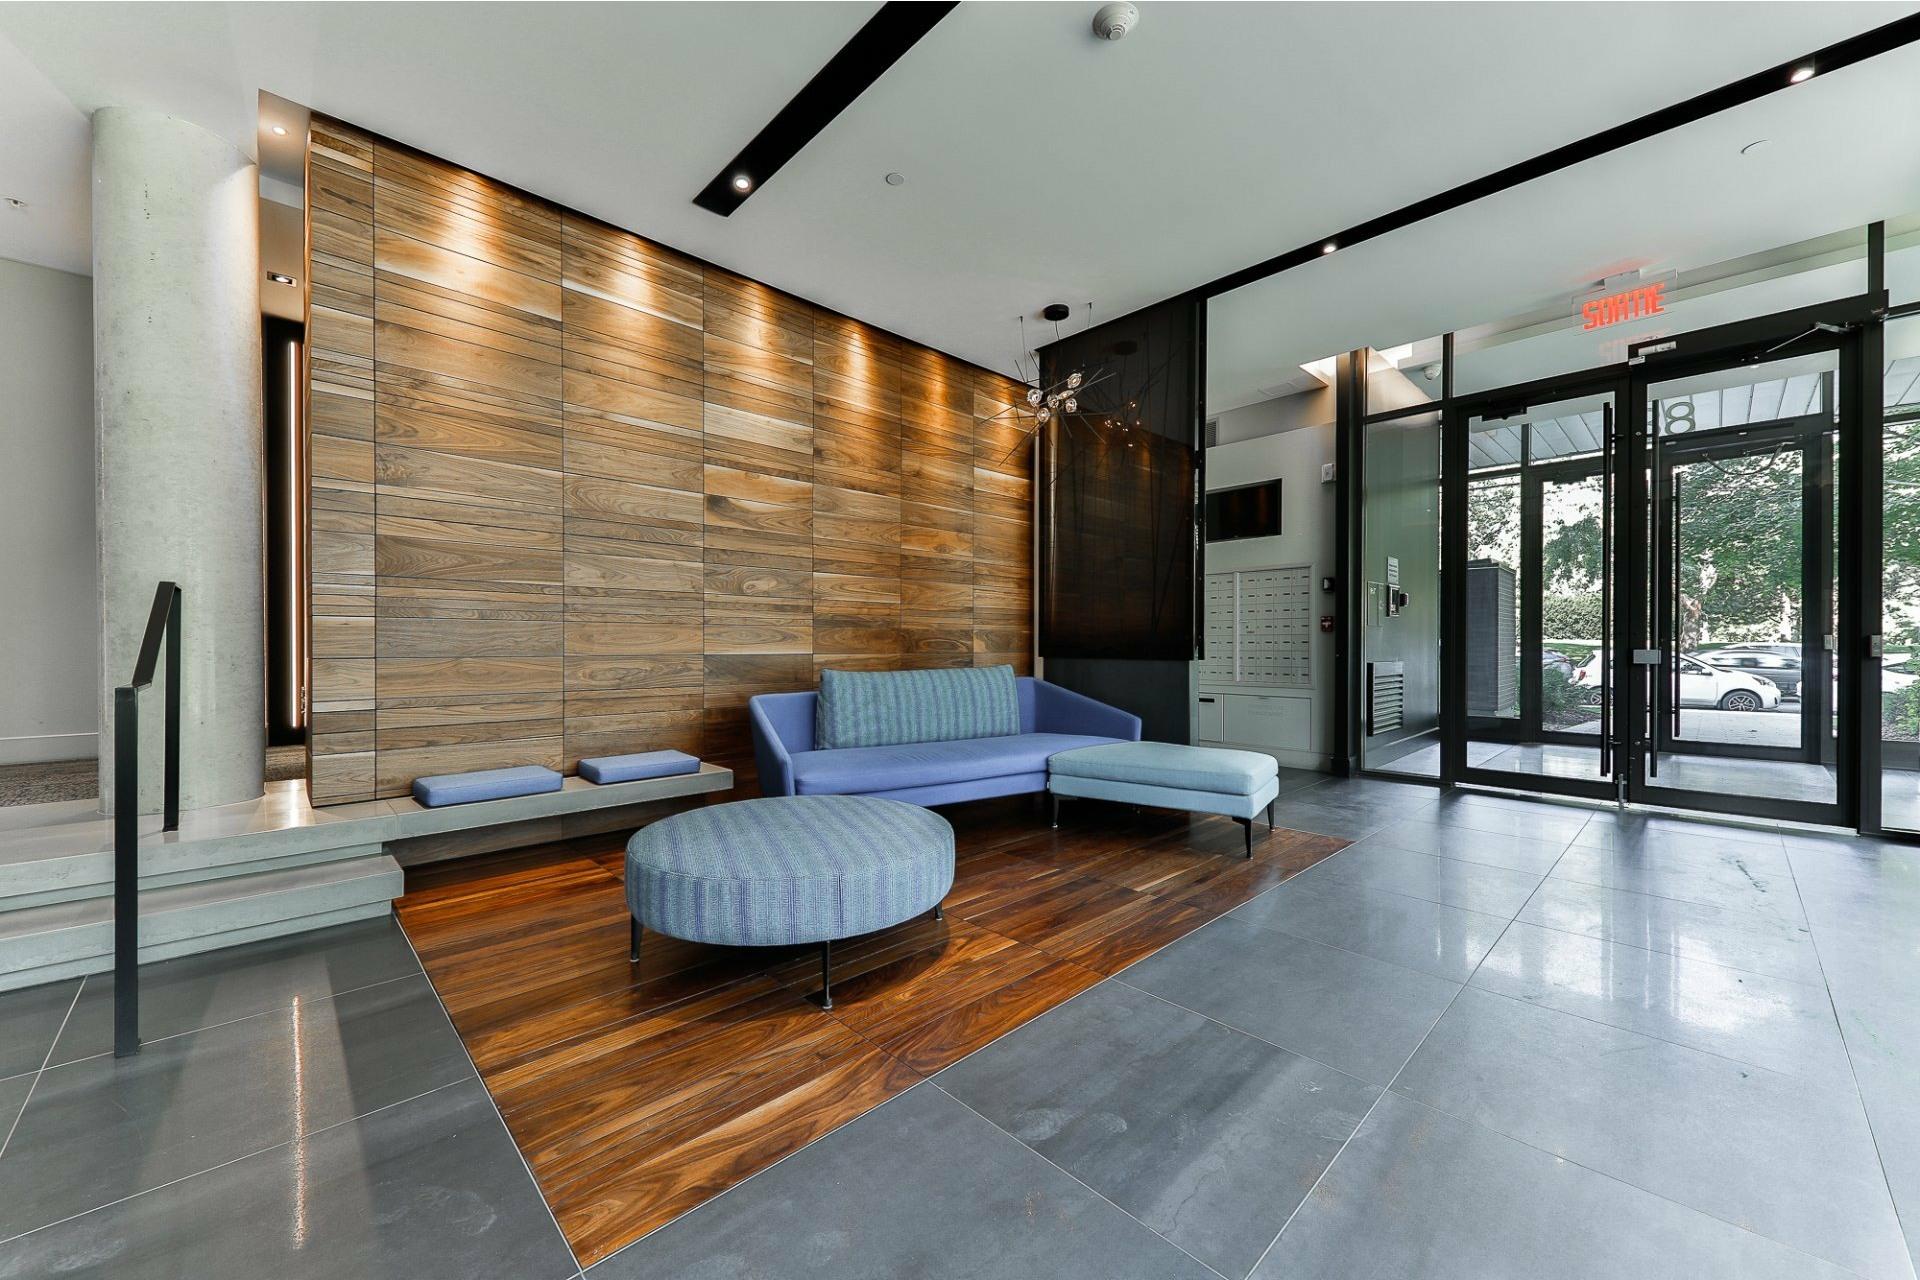 image 12 - Appartement À vendre Villeray/Saint-Michel/Parc-Extension Montréal  - 4 pièces